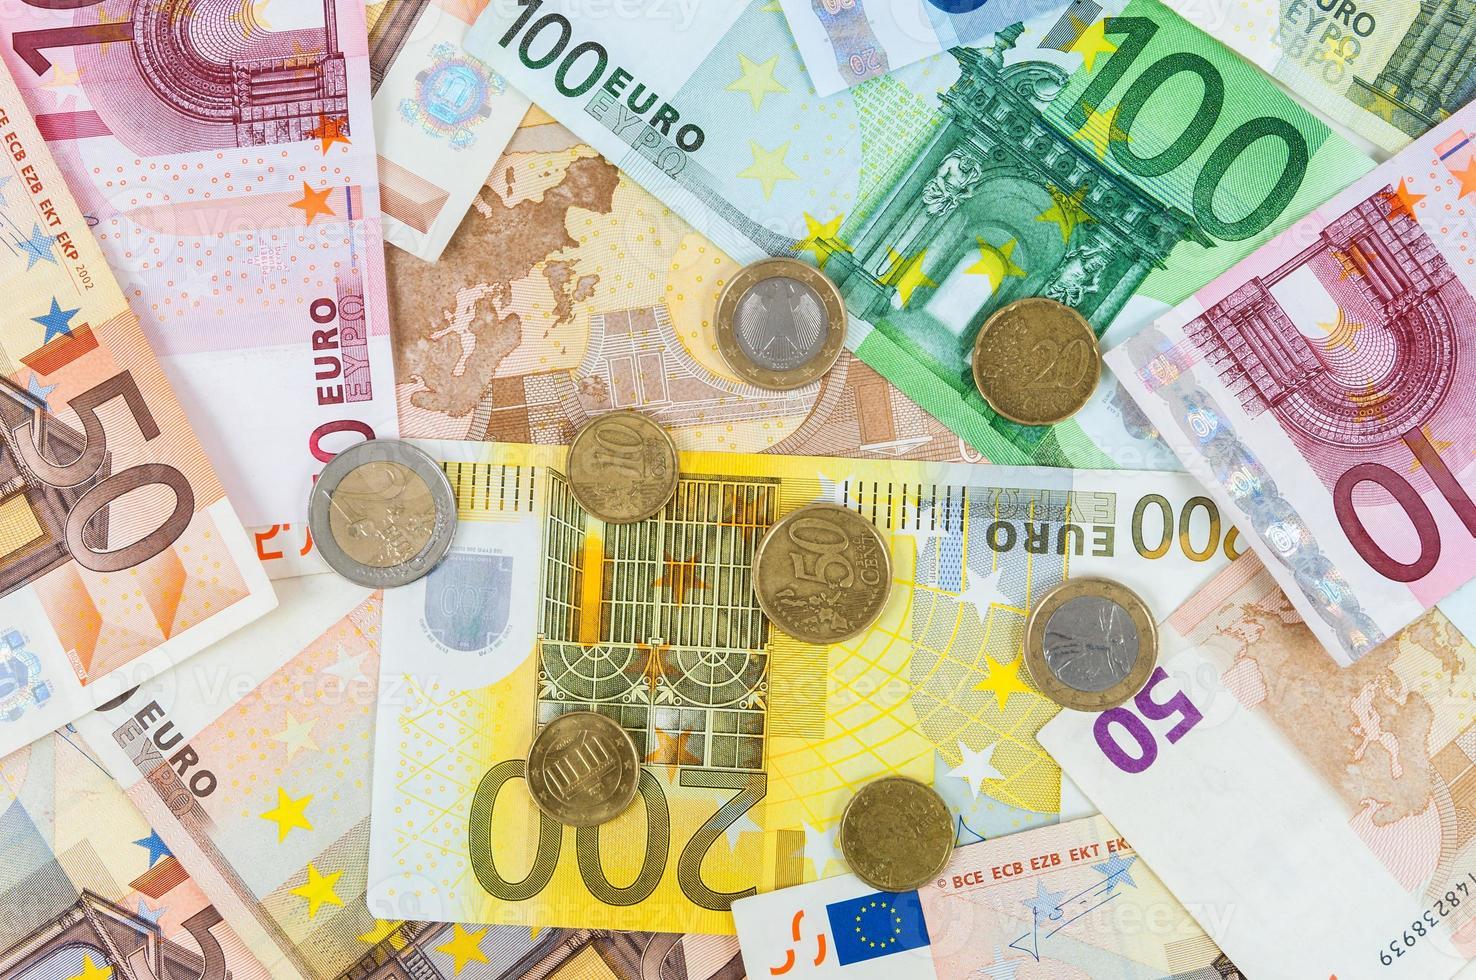 fond de pièces et billets en euros photo